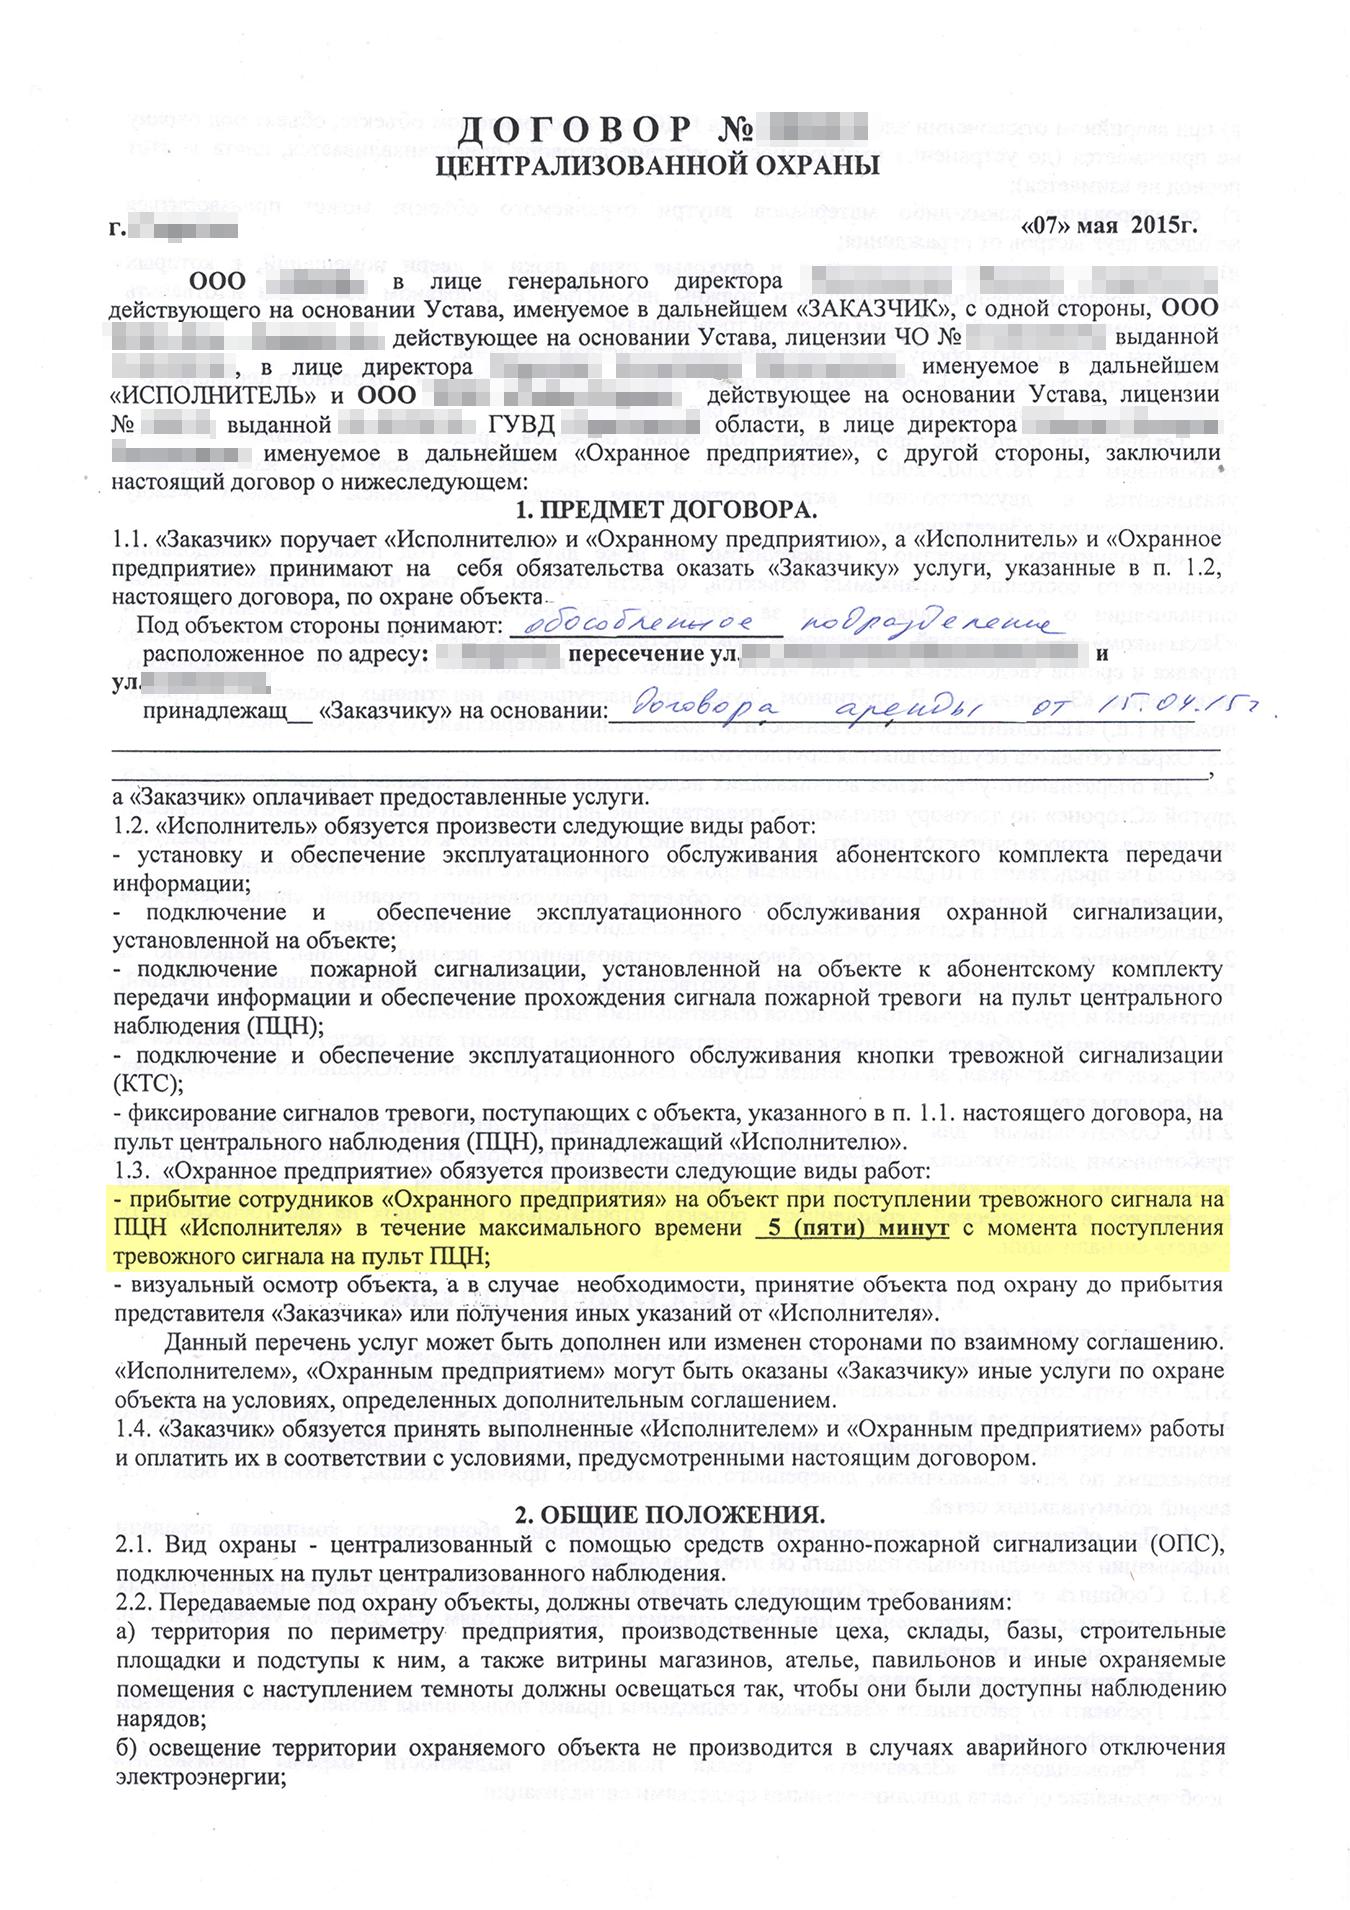 Договор на оказание услуг централизованной охраны. В пункте 1.3 прописана обязанность охранников прибыть на объект в течение 5 минут с момента вызова